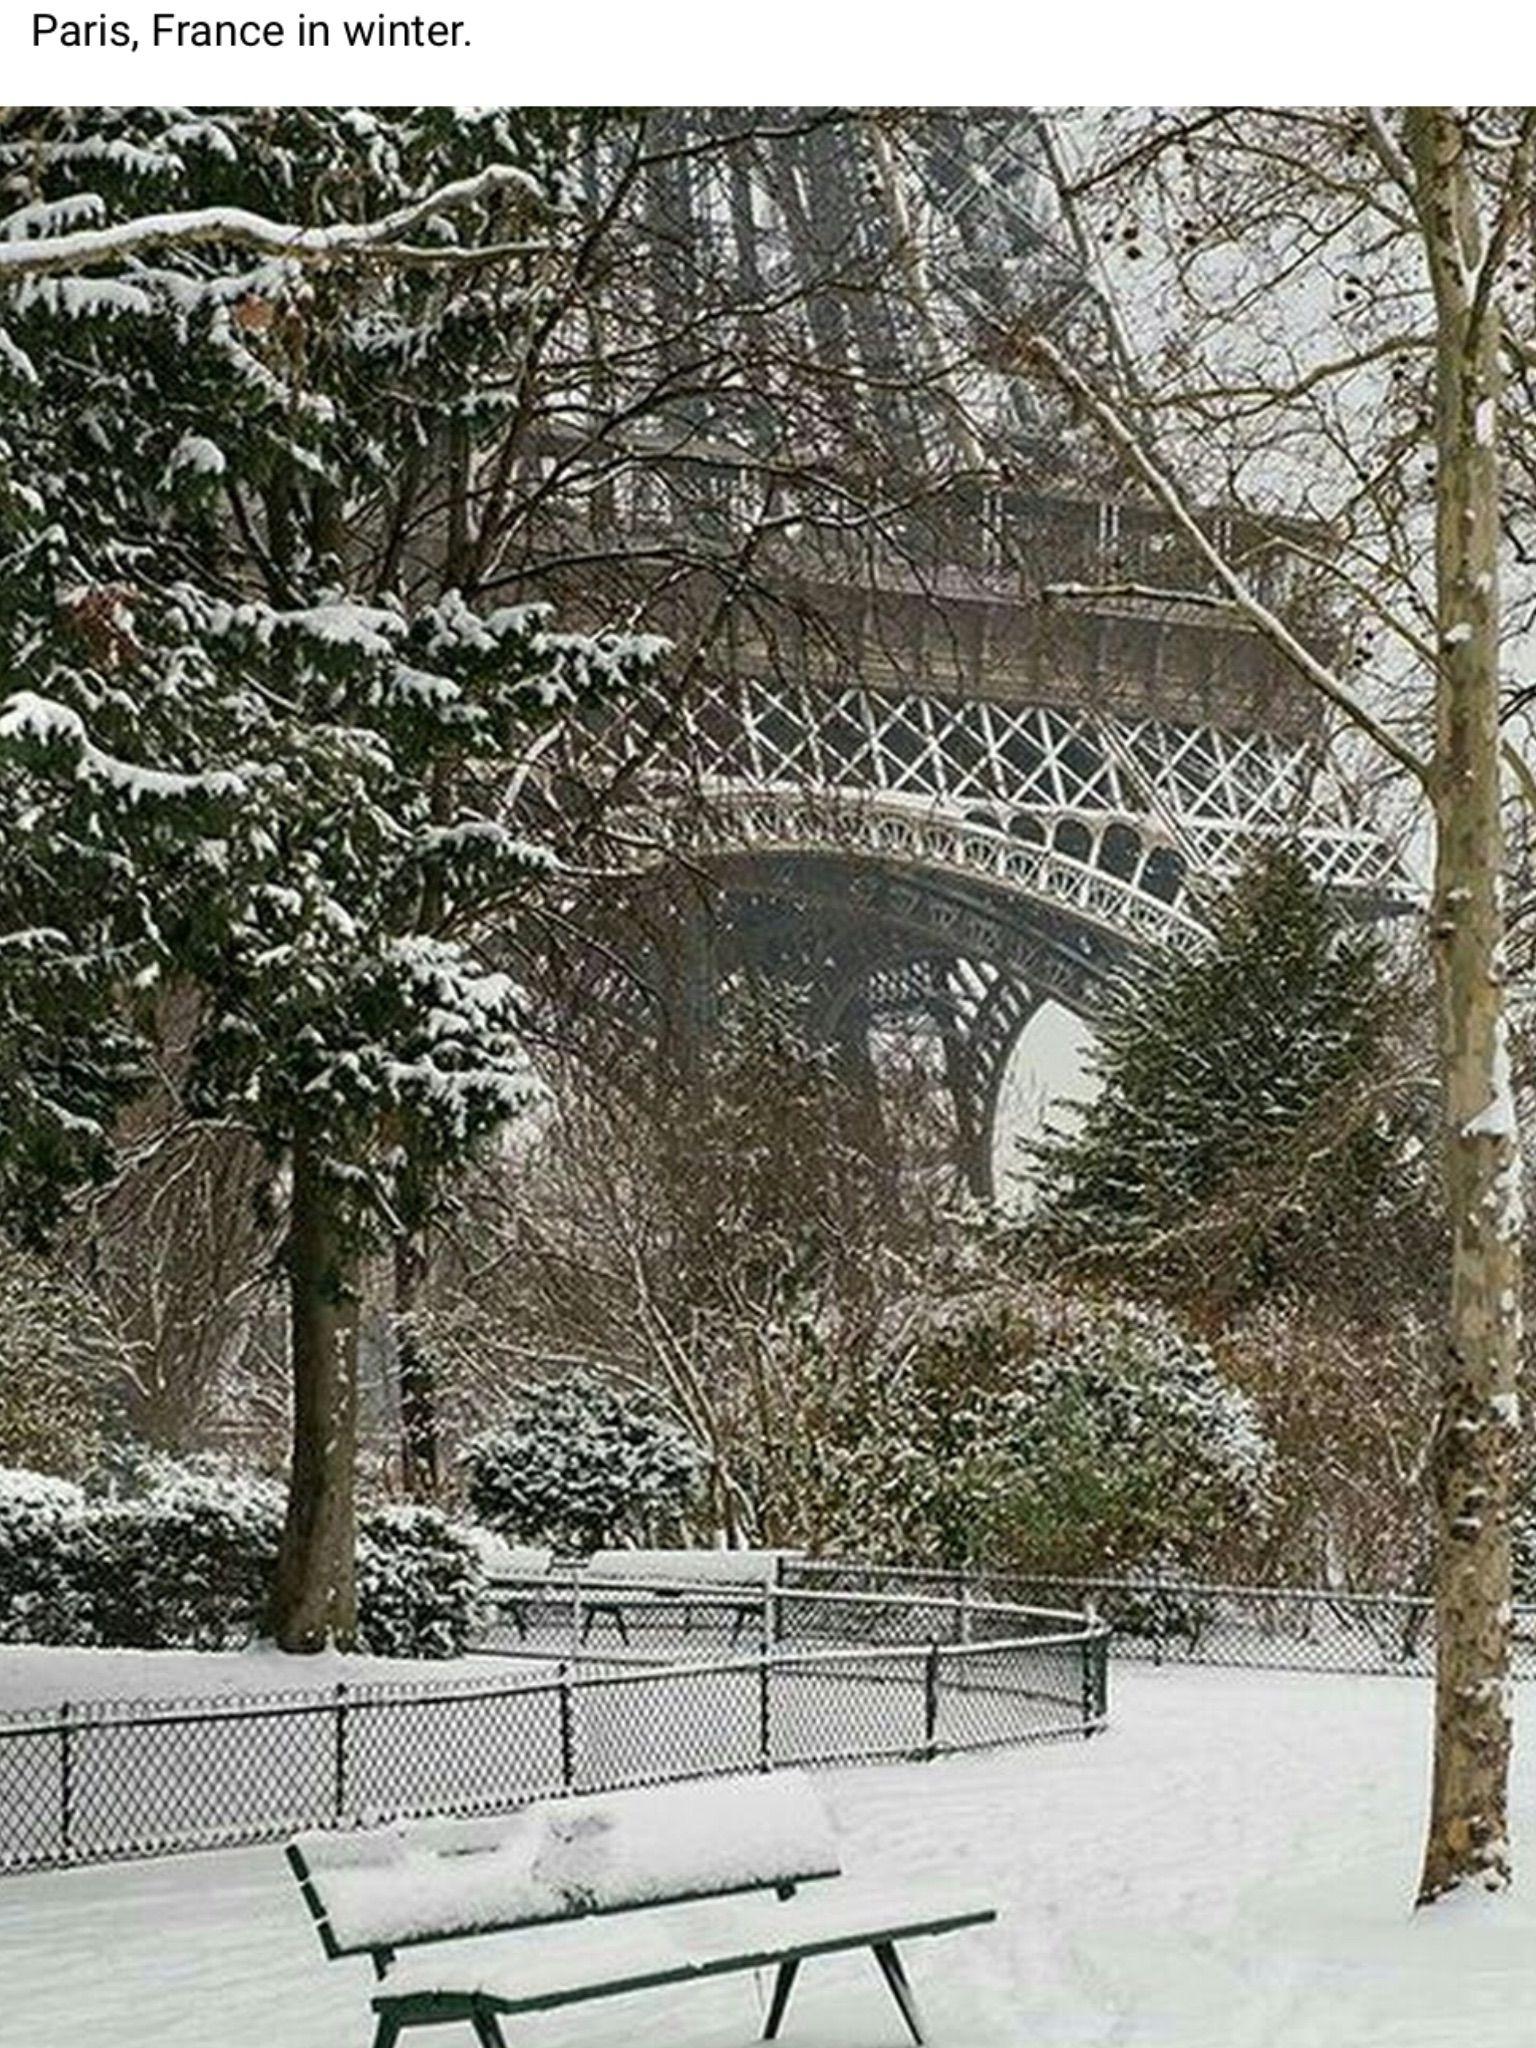 #WINTER##NATURE# #TRAVEL##PARİS#